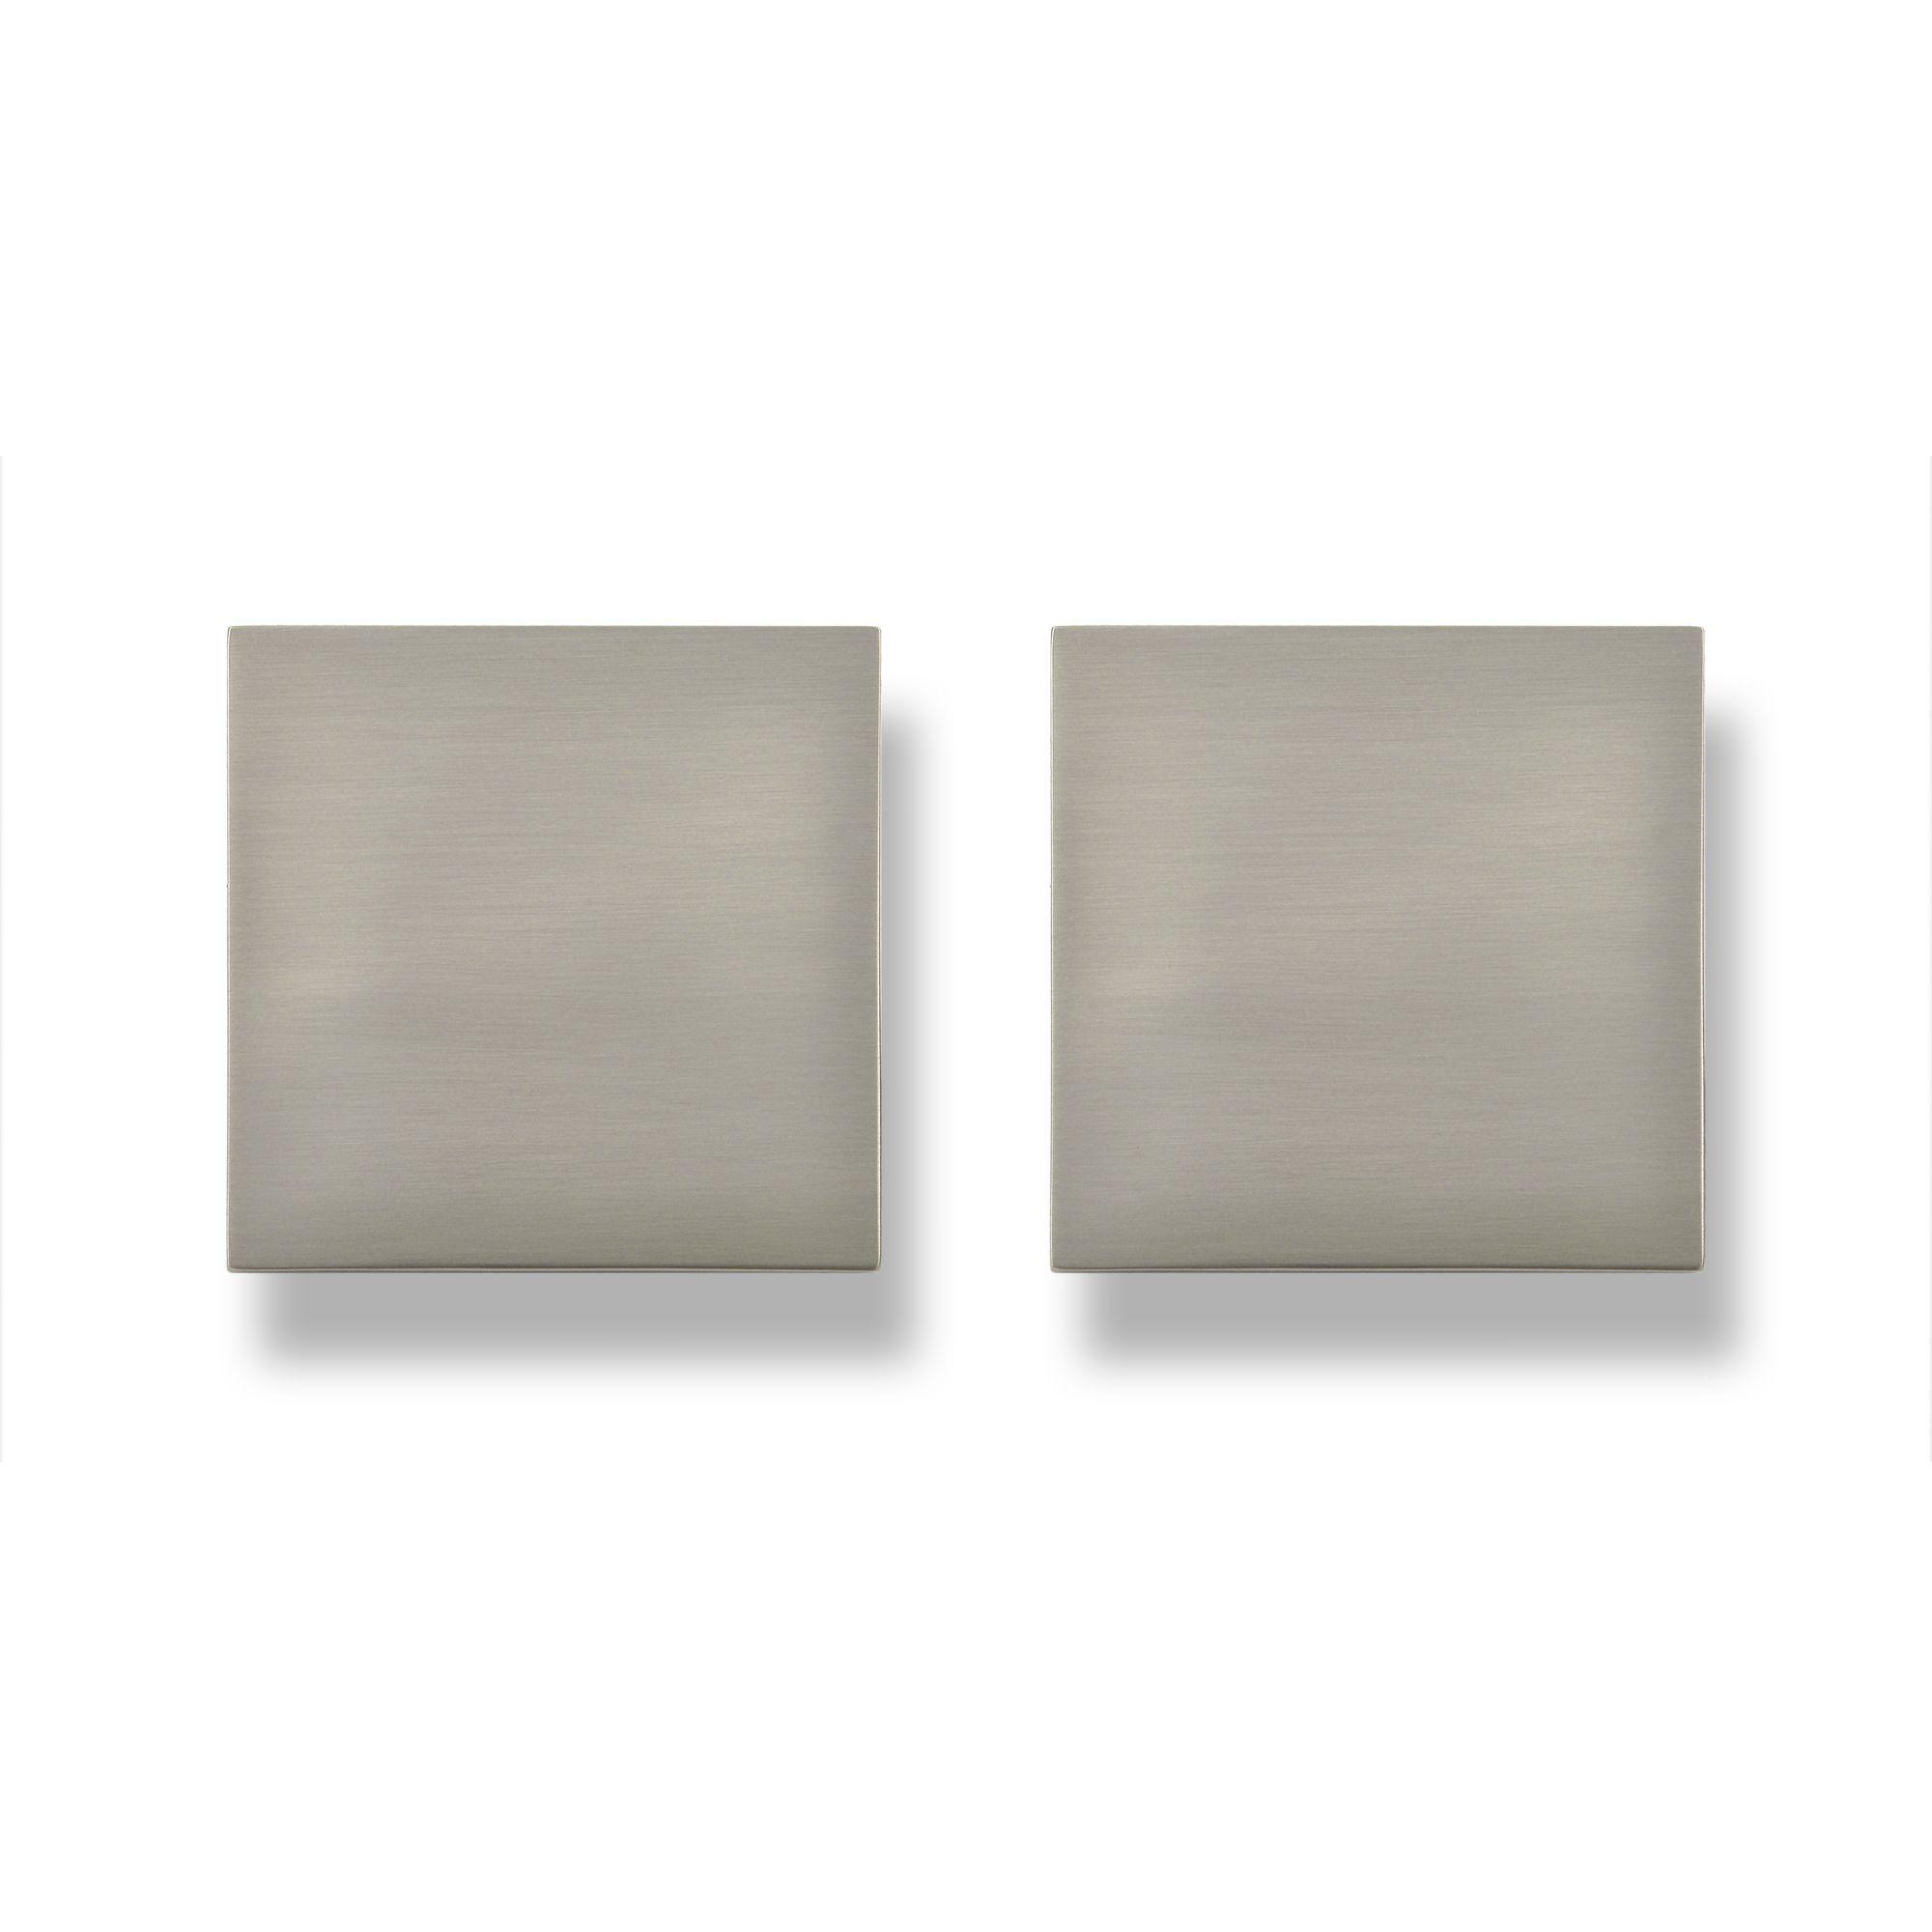 Darwin Stainless Steel Effect Square Bedroom Handle Cabinet Door Knob